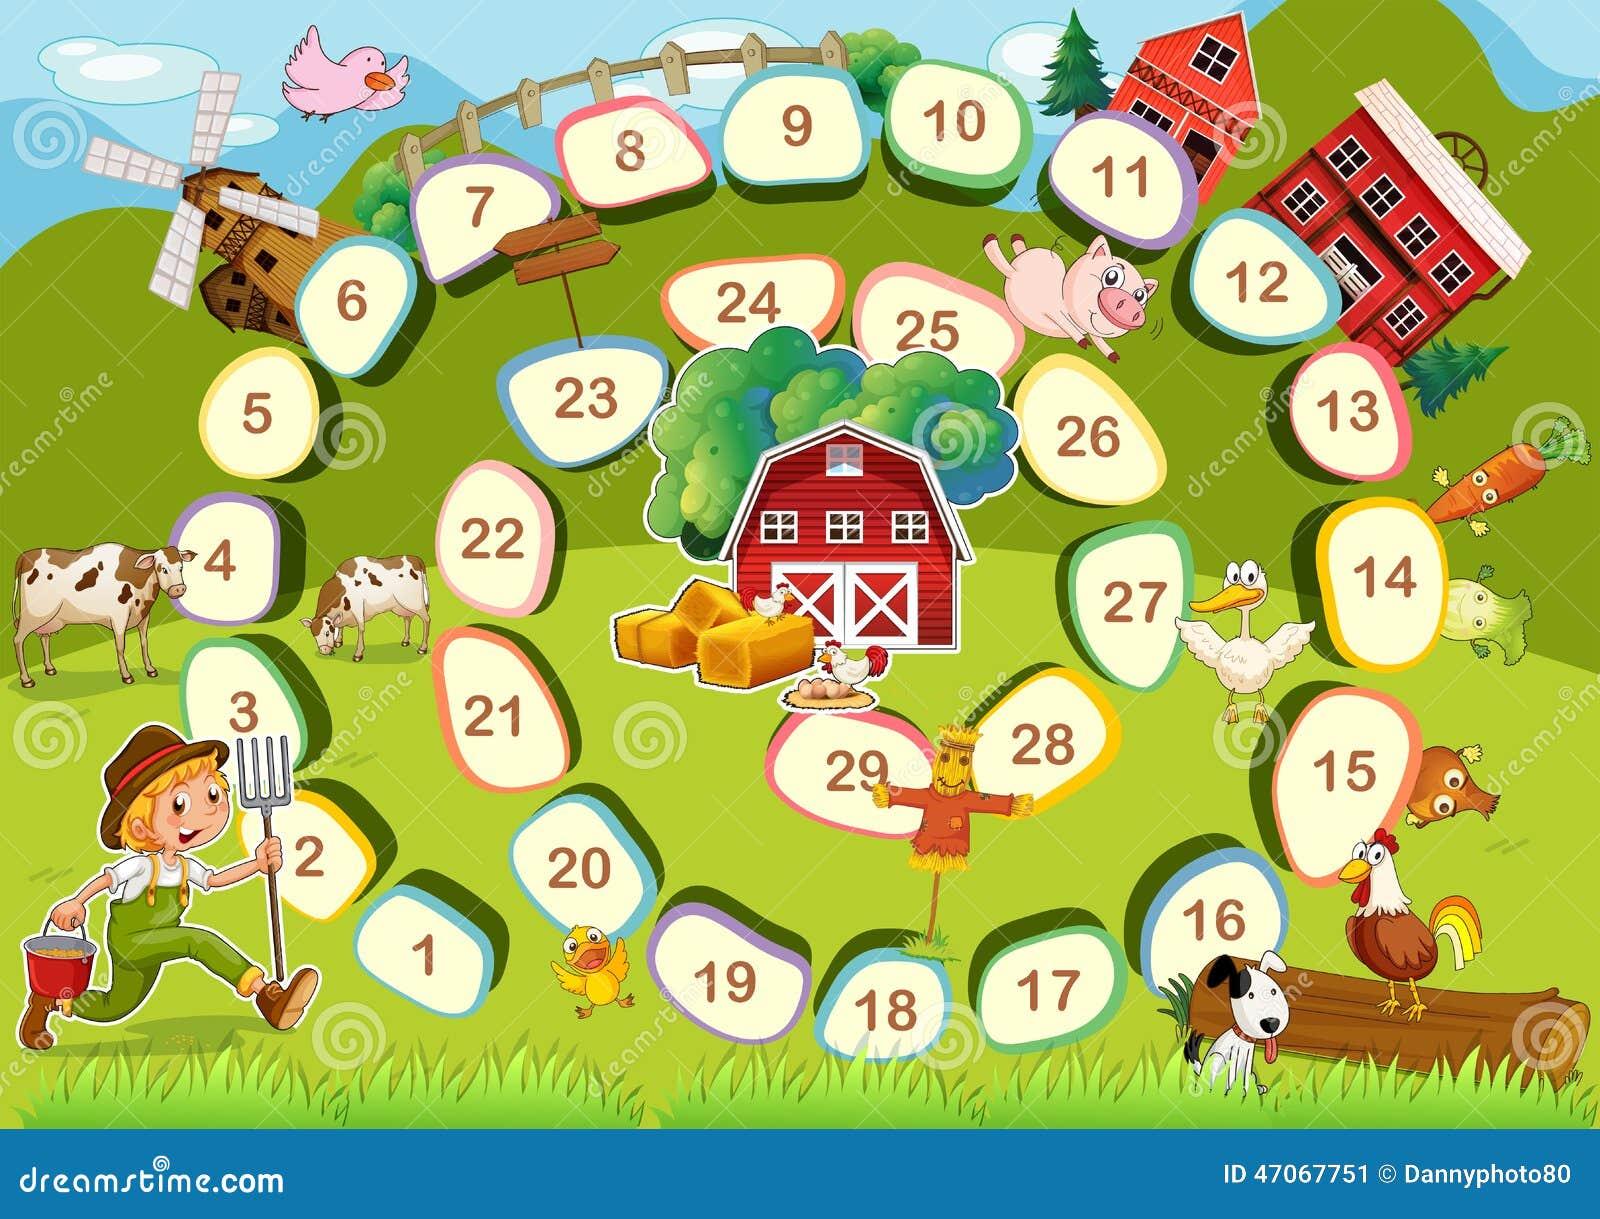 Juego de mesa de la granja ilustraci n del vector imagen for Flashpoint juego de mesa